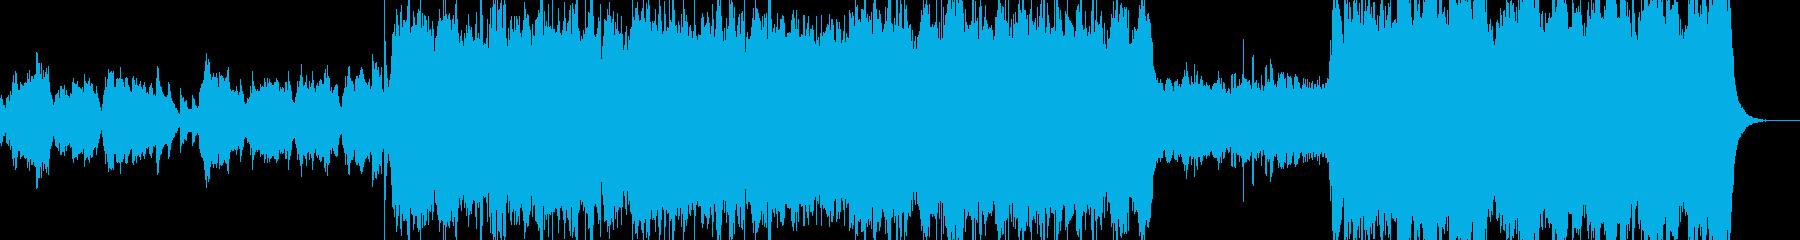 壮大な雰囲気のオーケストラ風の再生済みの波形